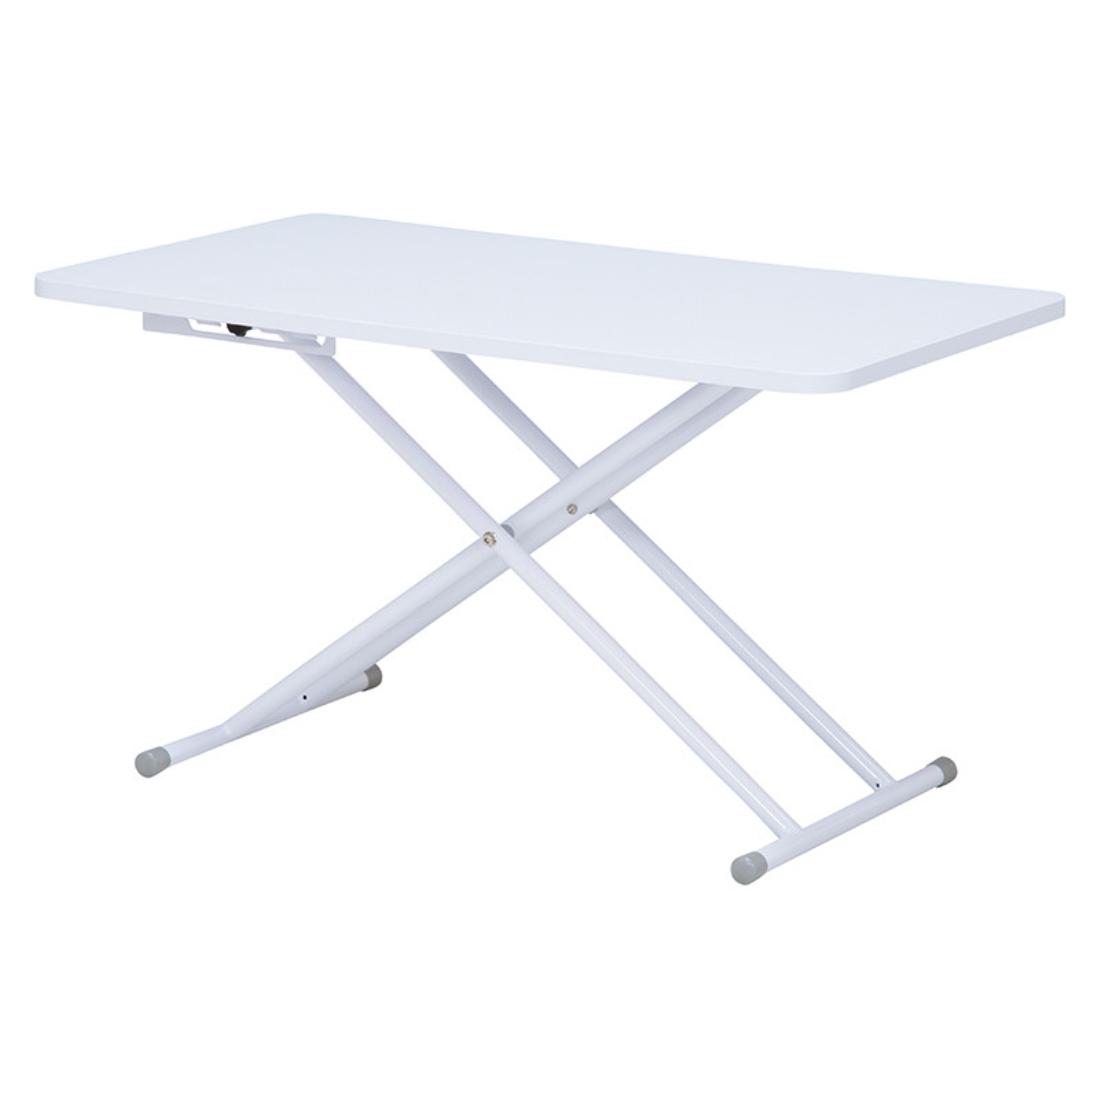 【送料無料】家具 リフティングテーブル 折れ脚 テーブル 机 ホワイト